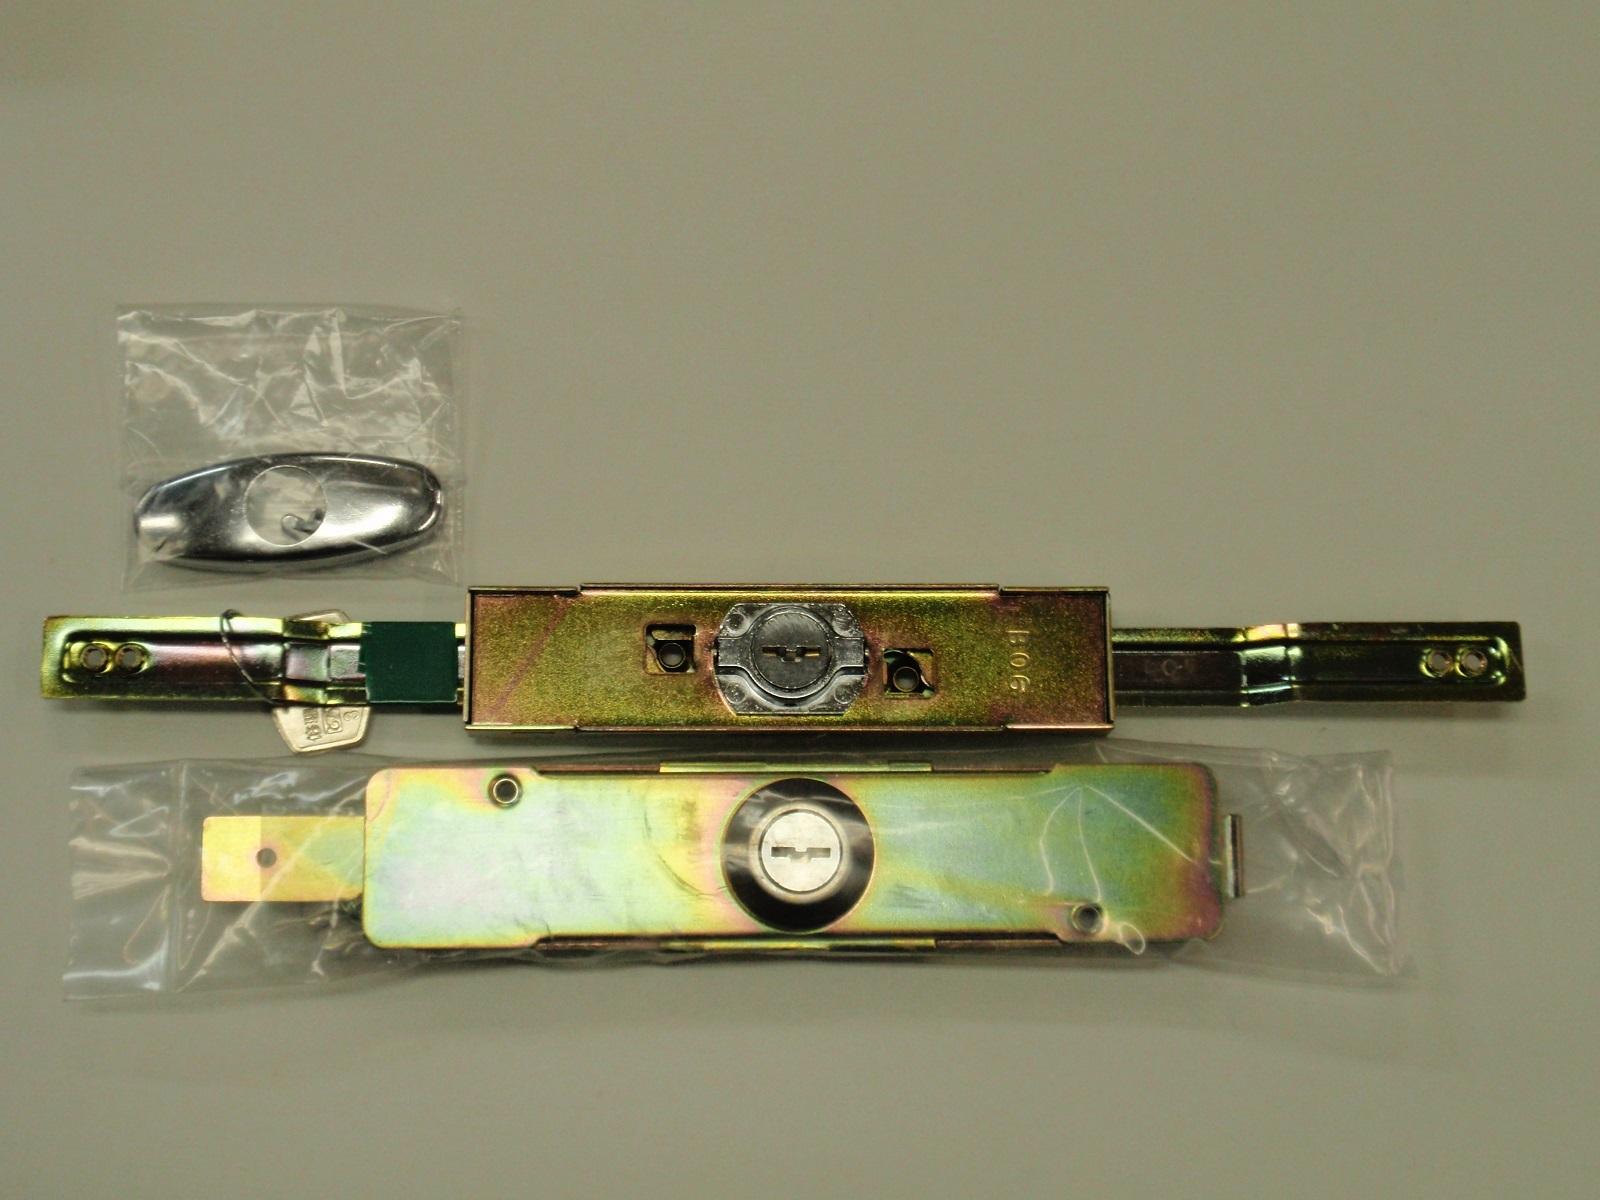 取替用シャッター錠 同一キータイプシャッター錠 三和シャッター (新型)KS-25 & アクアキー ウォーターロック 水圧錠 2個セット同一キータイプ 特注品 SANWA サンワ 防犯 鍵 交換 取替